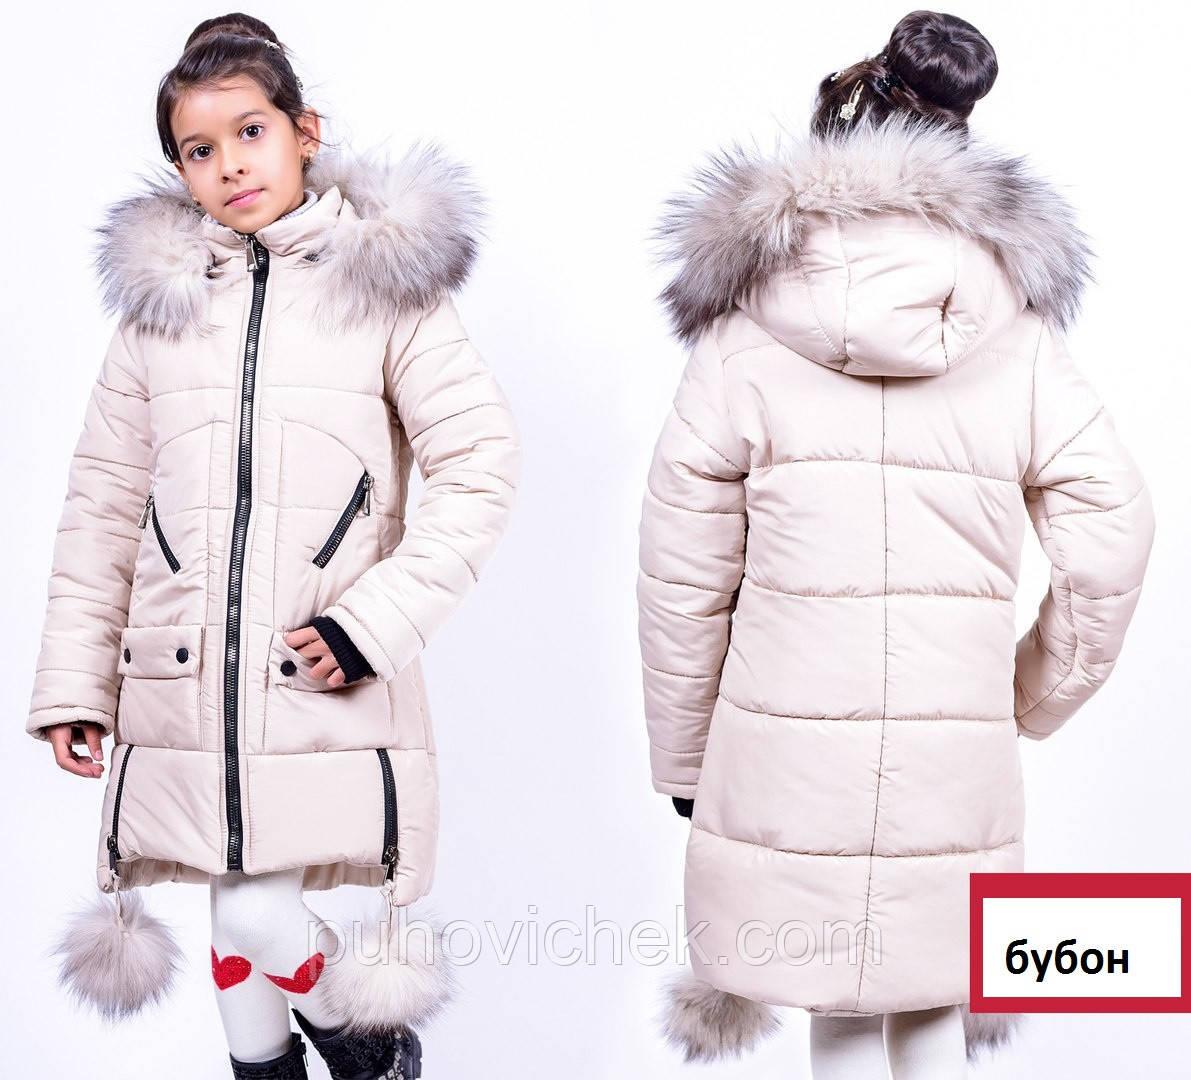 0adf3eb48228 Детские зимние куртки для девочек с натуральным мехом - Интернет магазин  Линия одежды в Харькове